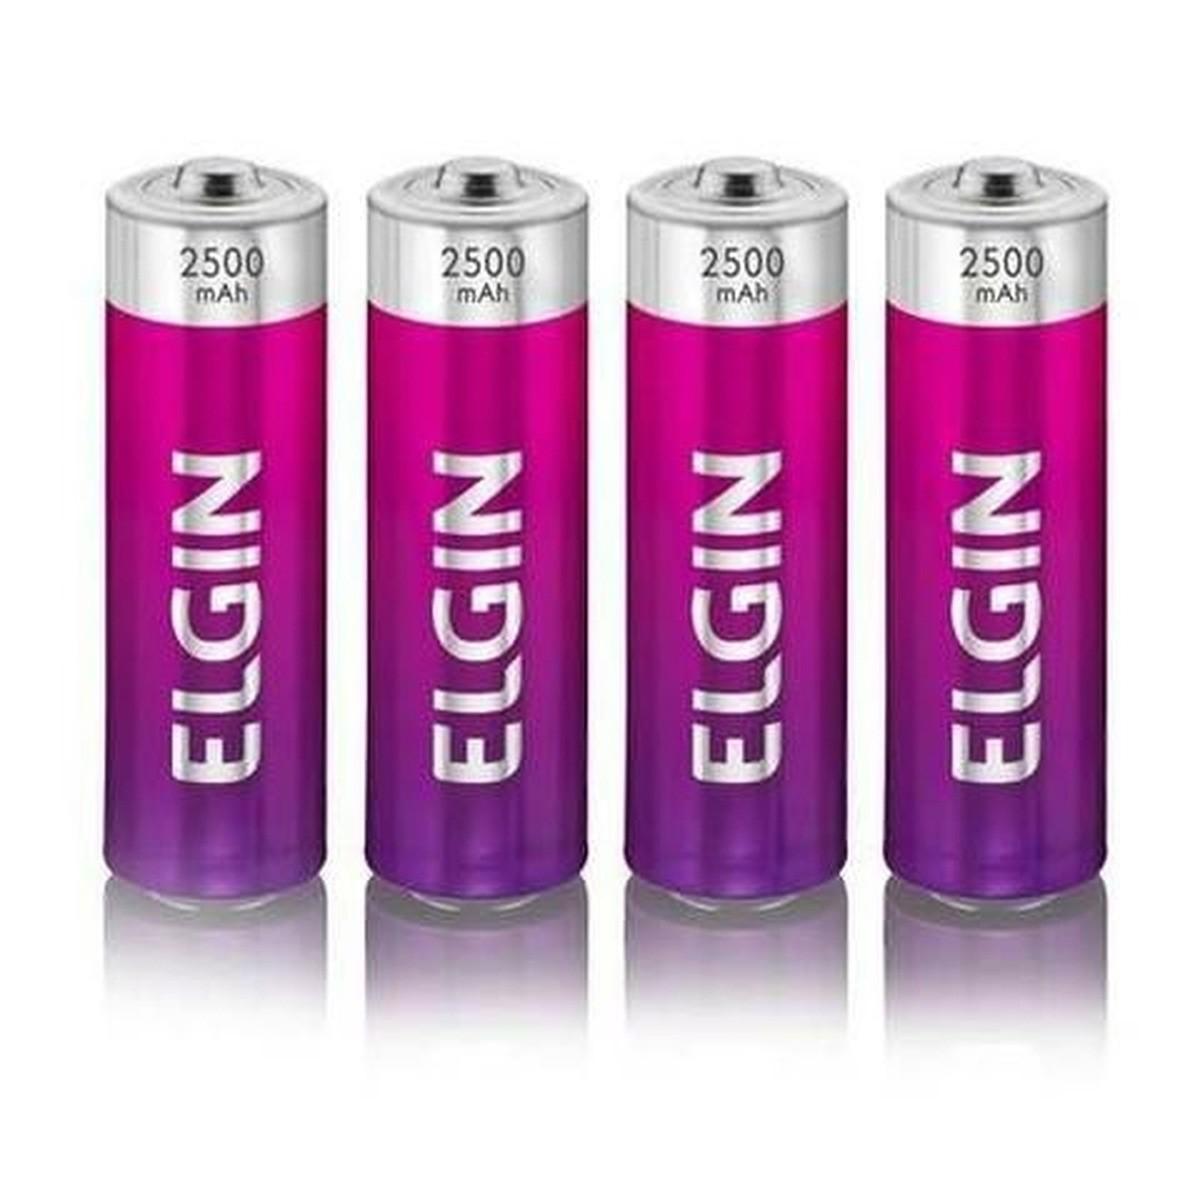 Pilha Recarregável AA 2500mAh Elgin pacote com 4 pilhas